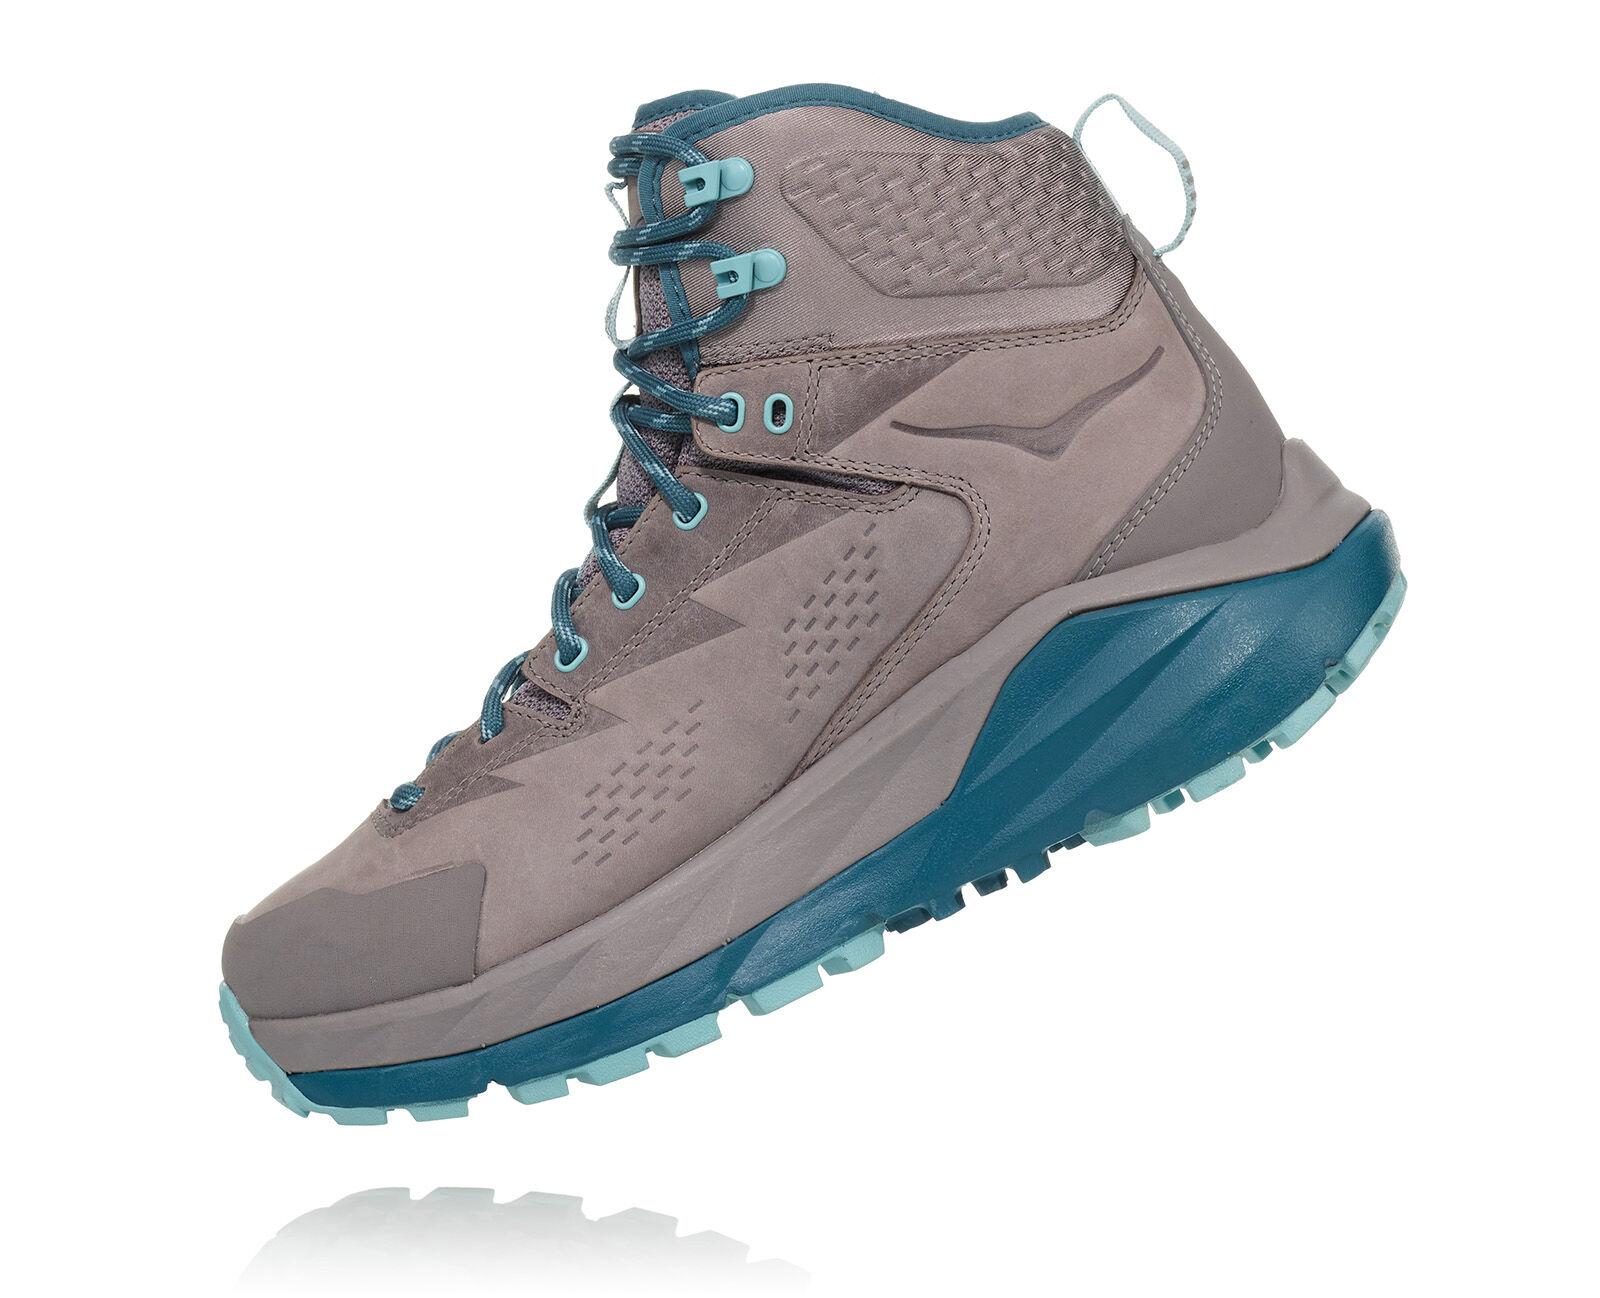 Hoka One One Women/'s Sky Kaha Hiking Boots Shoes Frost Gray Aqua Haze 1099638